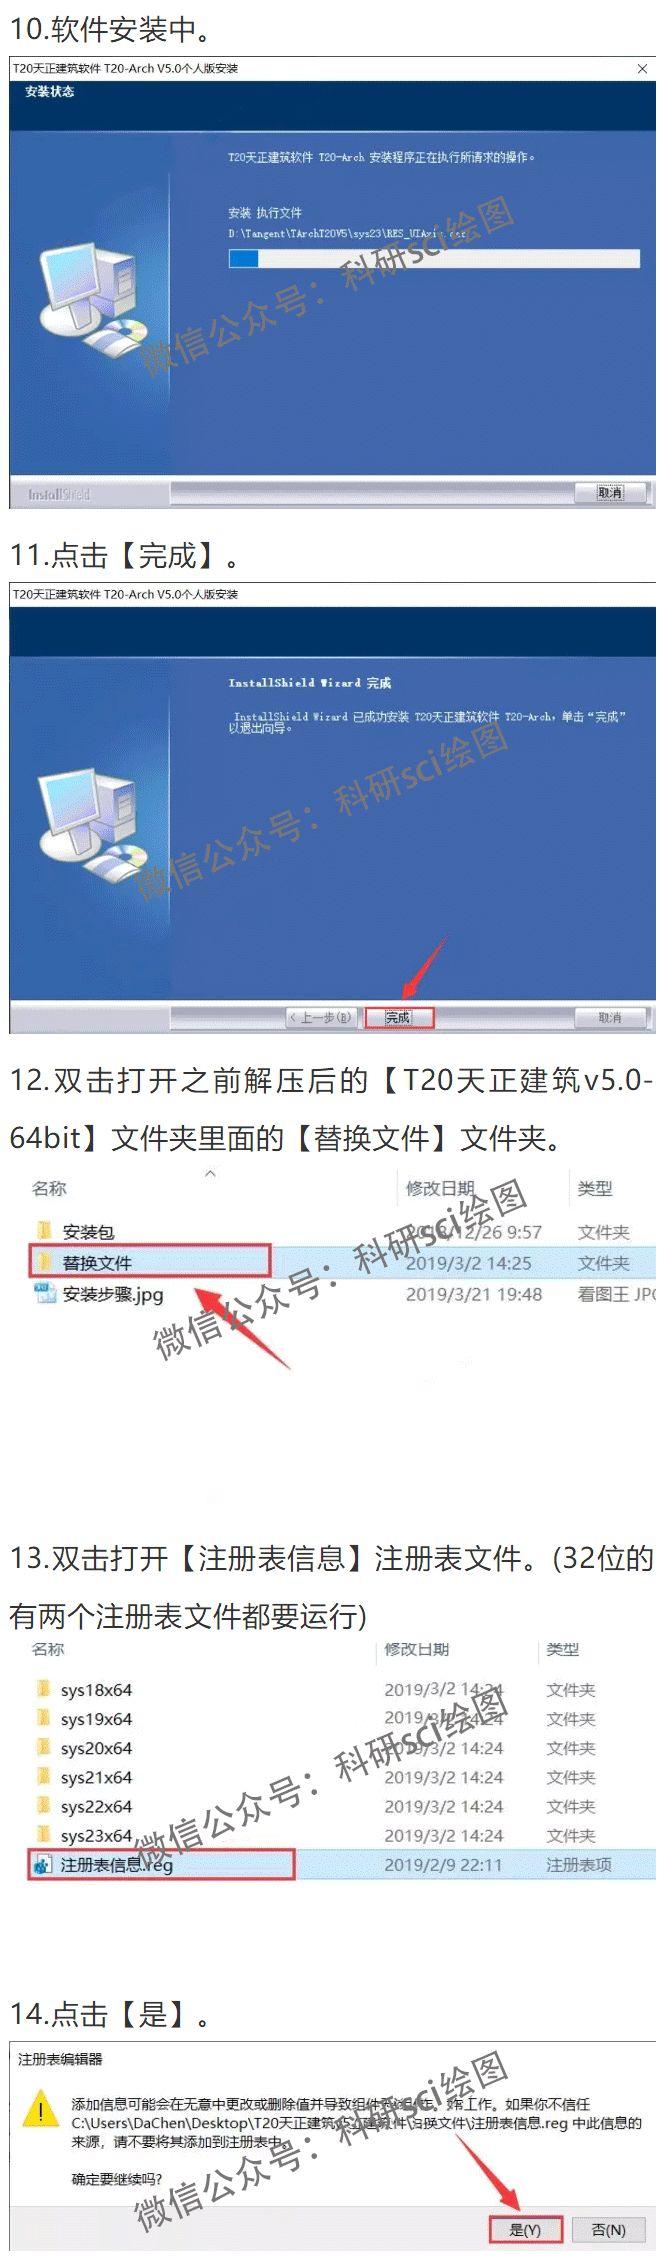 【系列软件12】t20天正v5.0数字标注教程附安装cad放到外下载把软件的线怎么图片